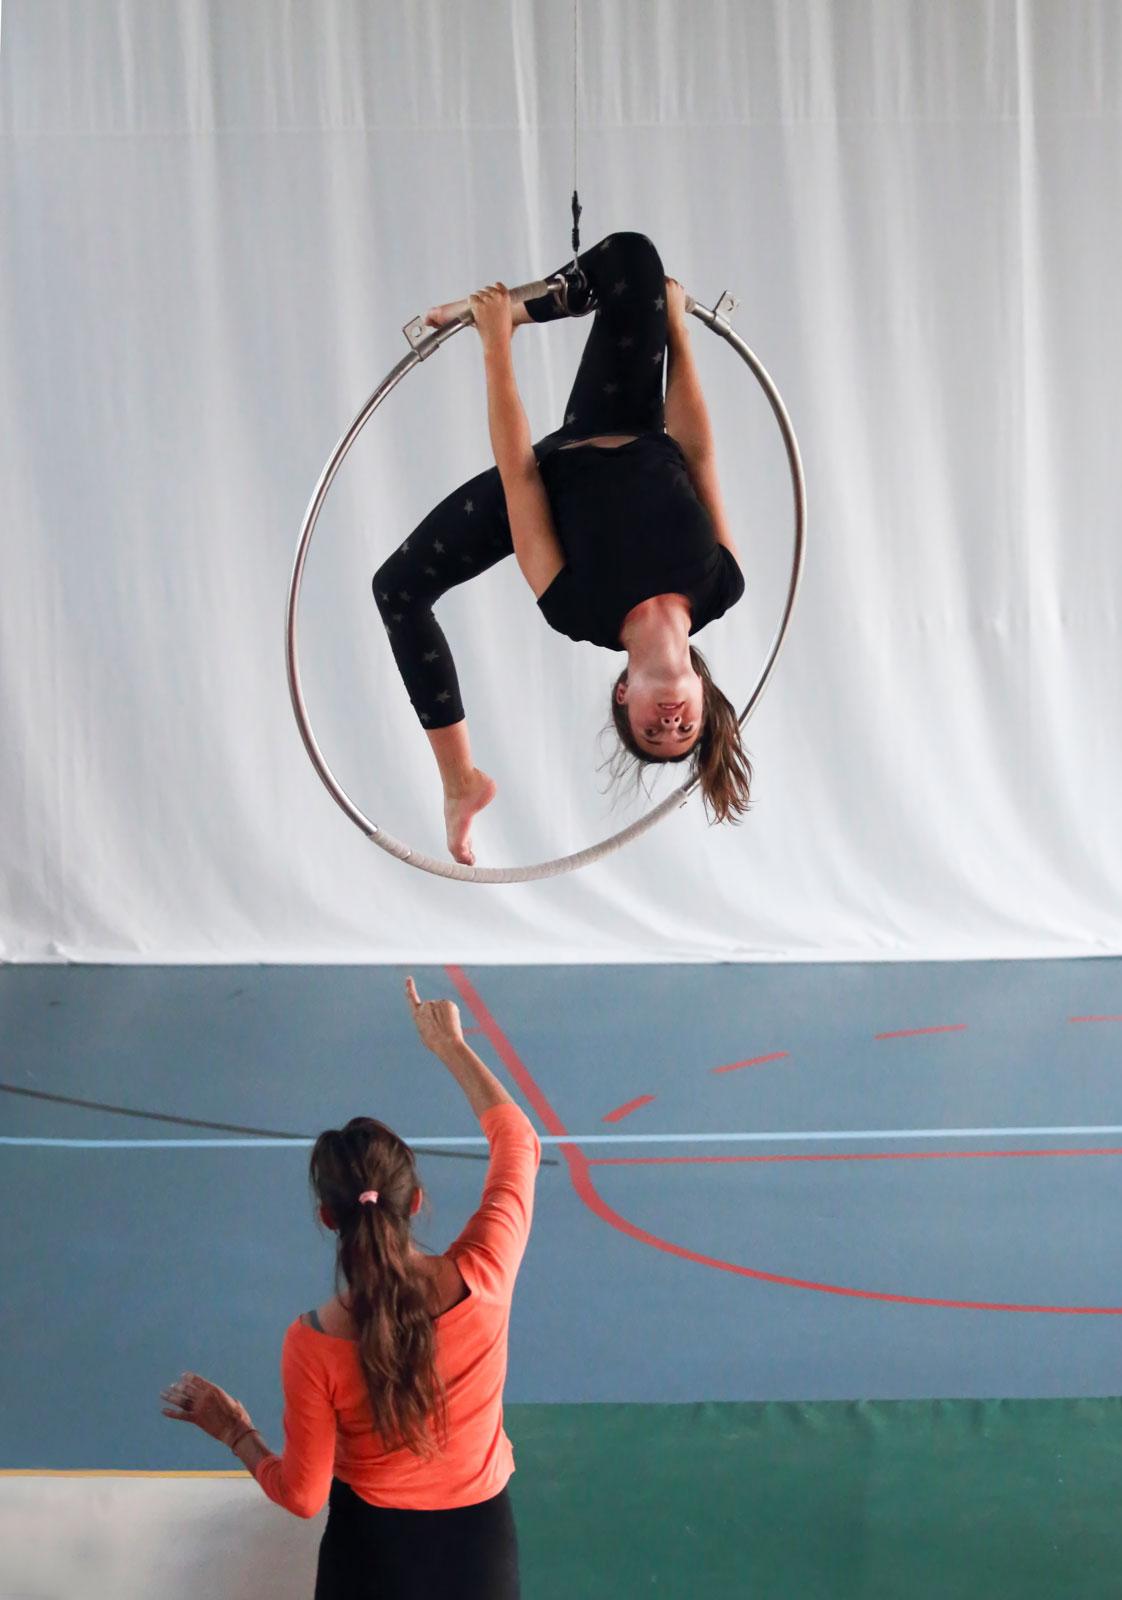 Wij volgen deze acrobate gedurende 1 jaar, haar grote wens is ooit te werken voor Cirque du Soleil.